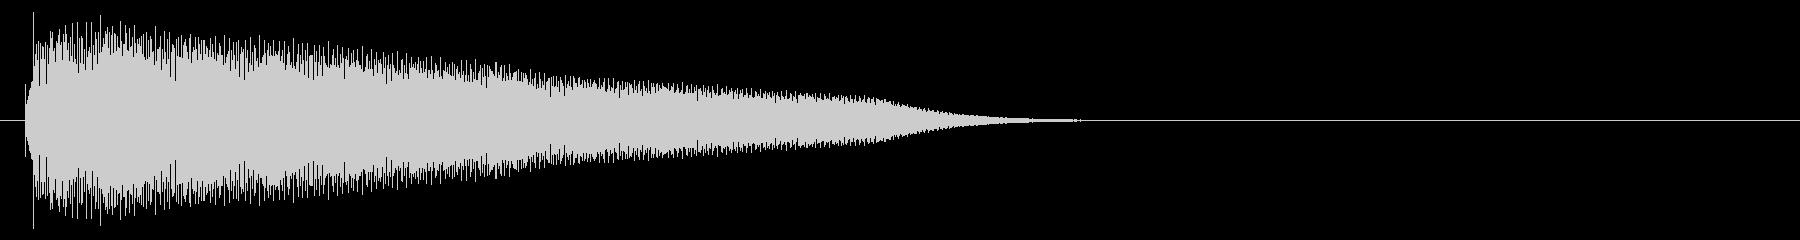 グロッケン系 タッチ音2(長)の未再生の波形